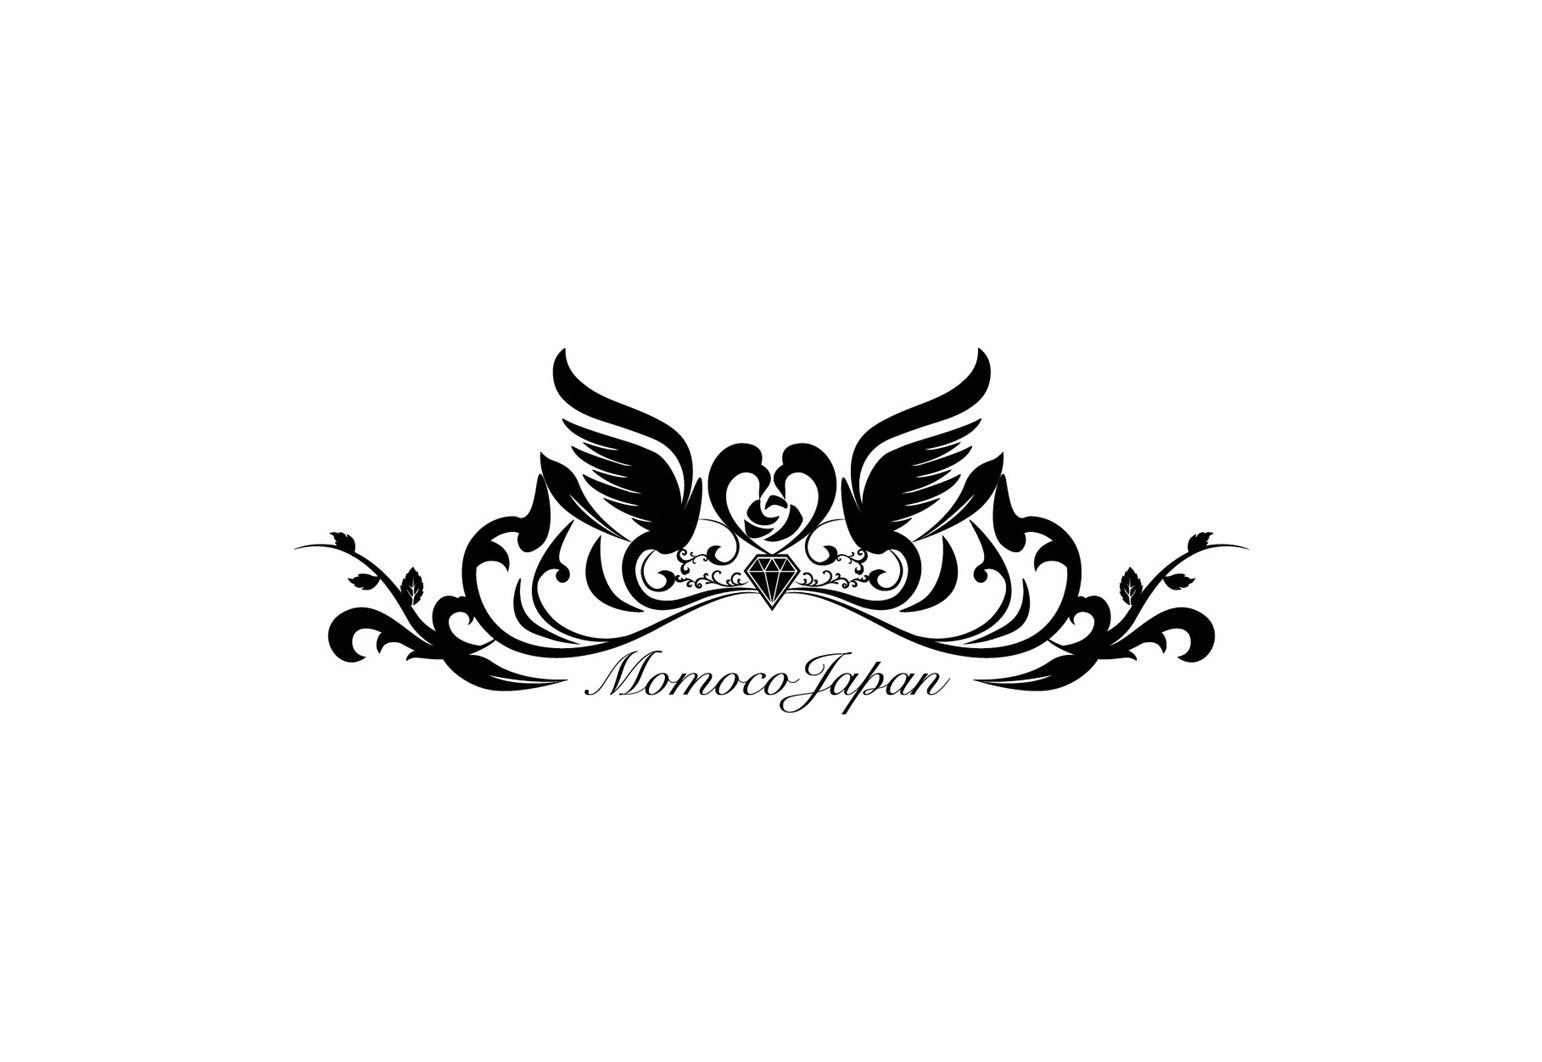 Momoco Japan